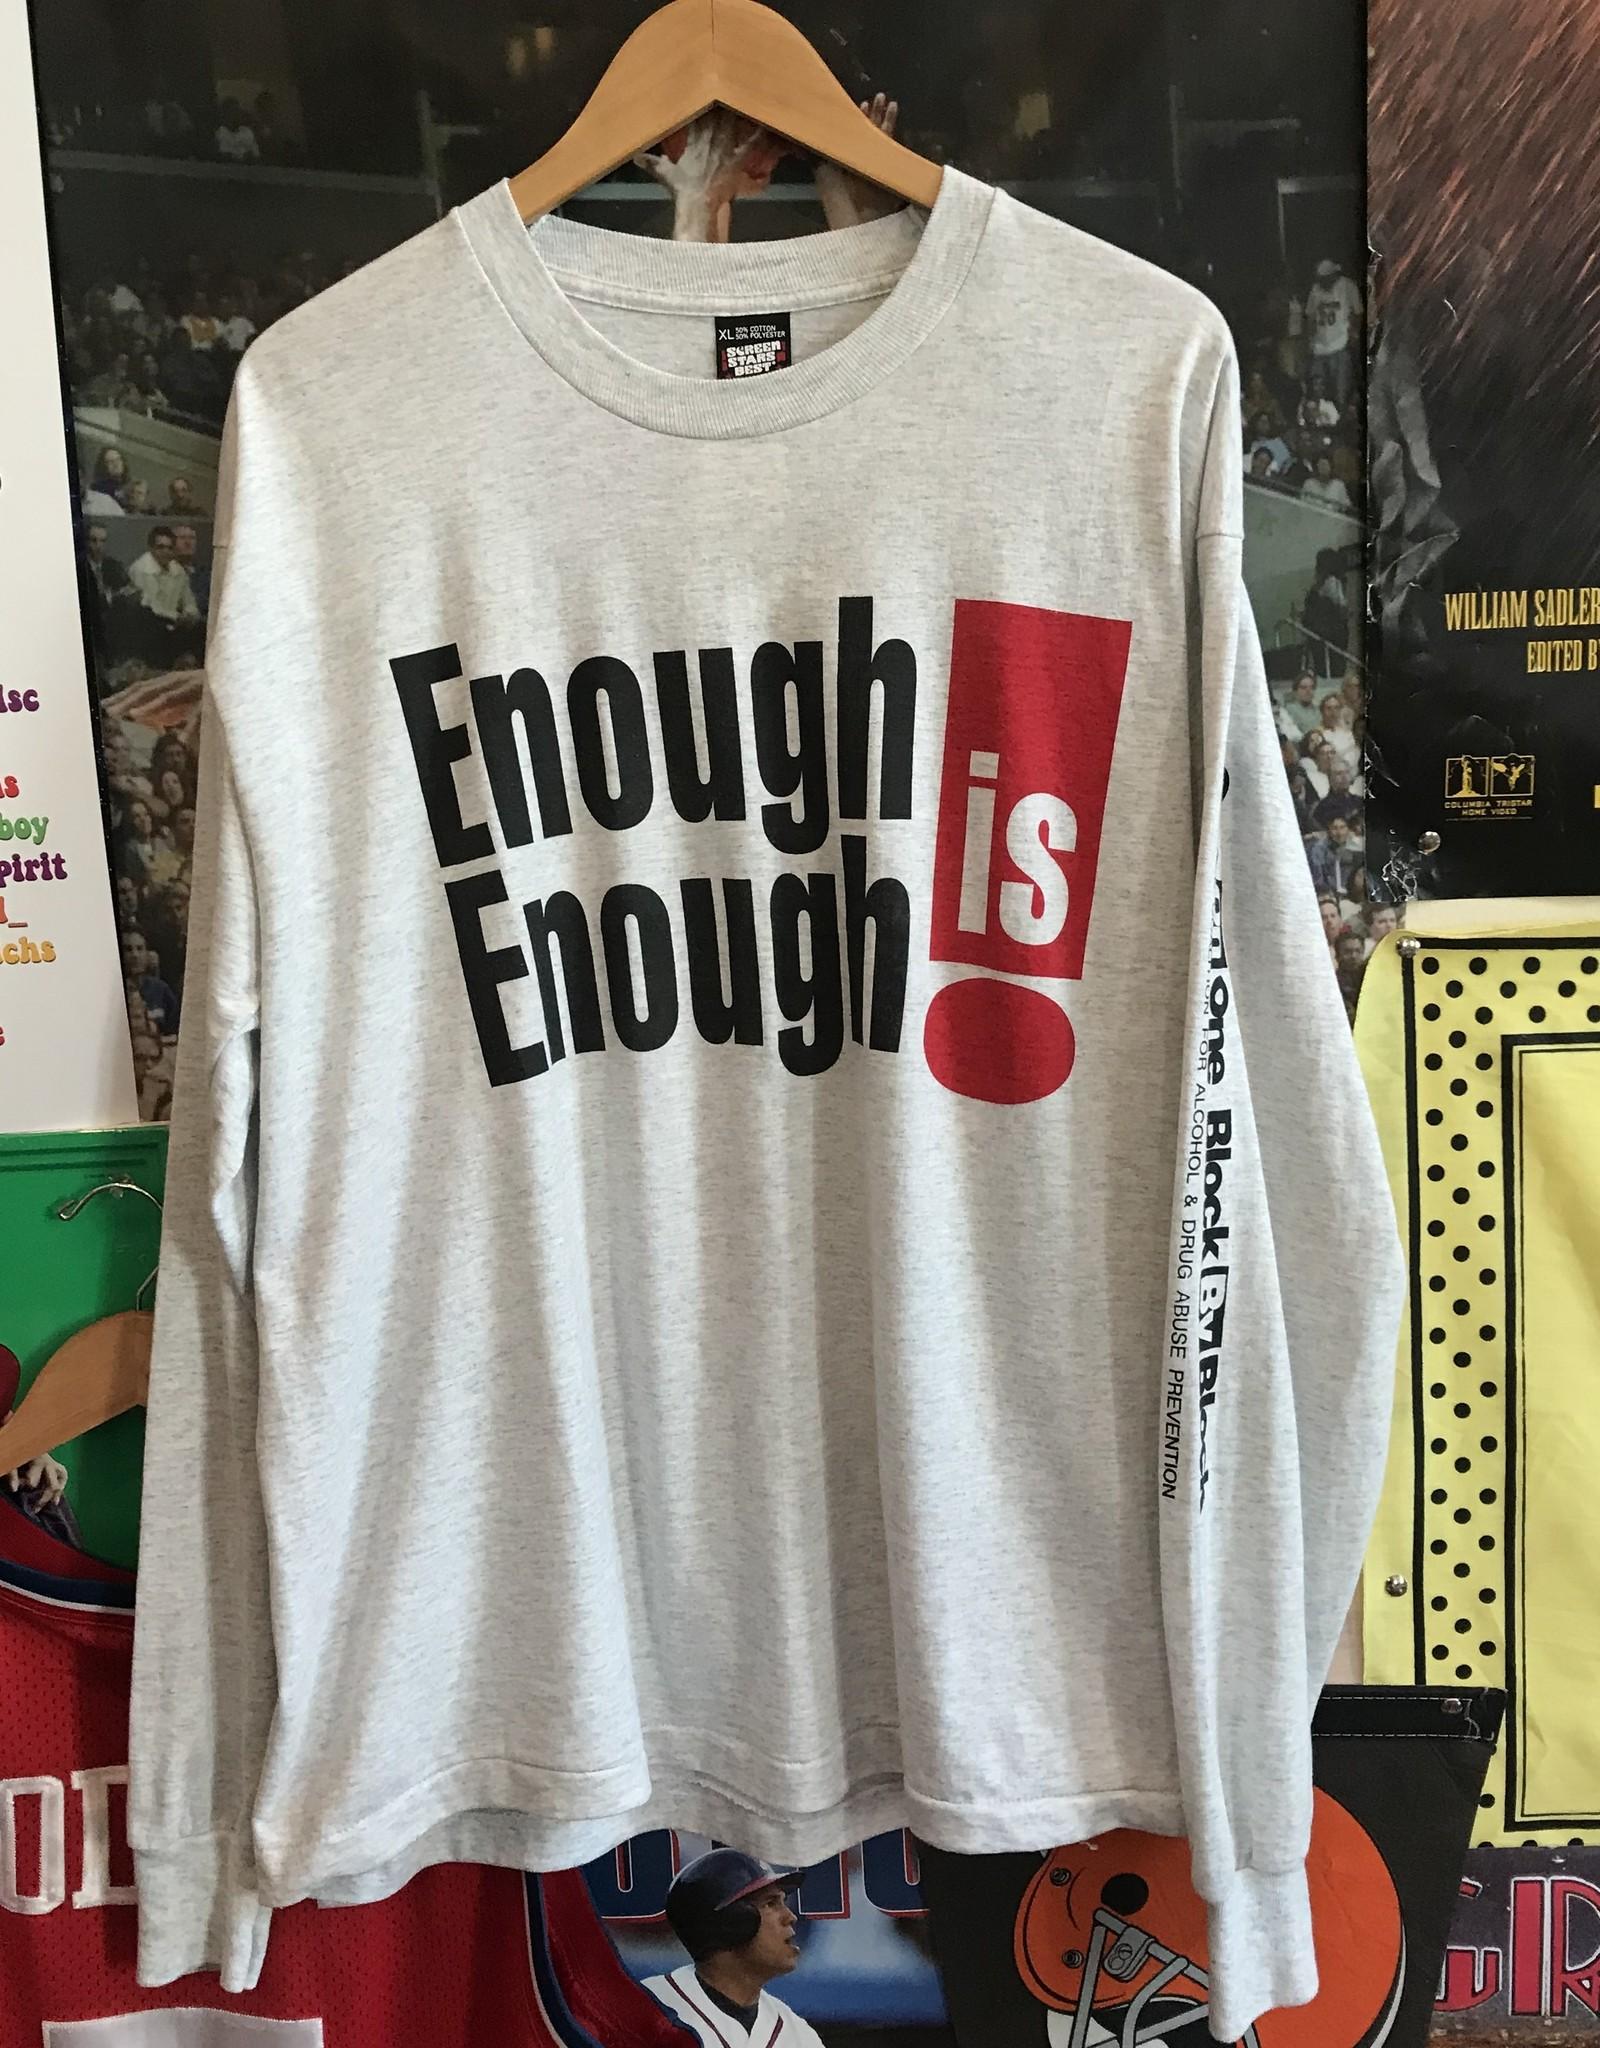 3881enough is enough l/s tee sz. XL